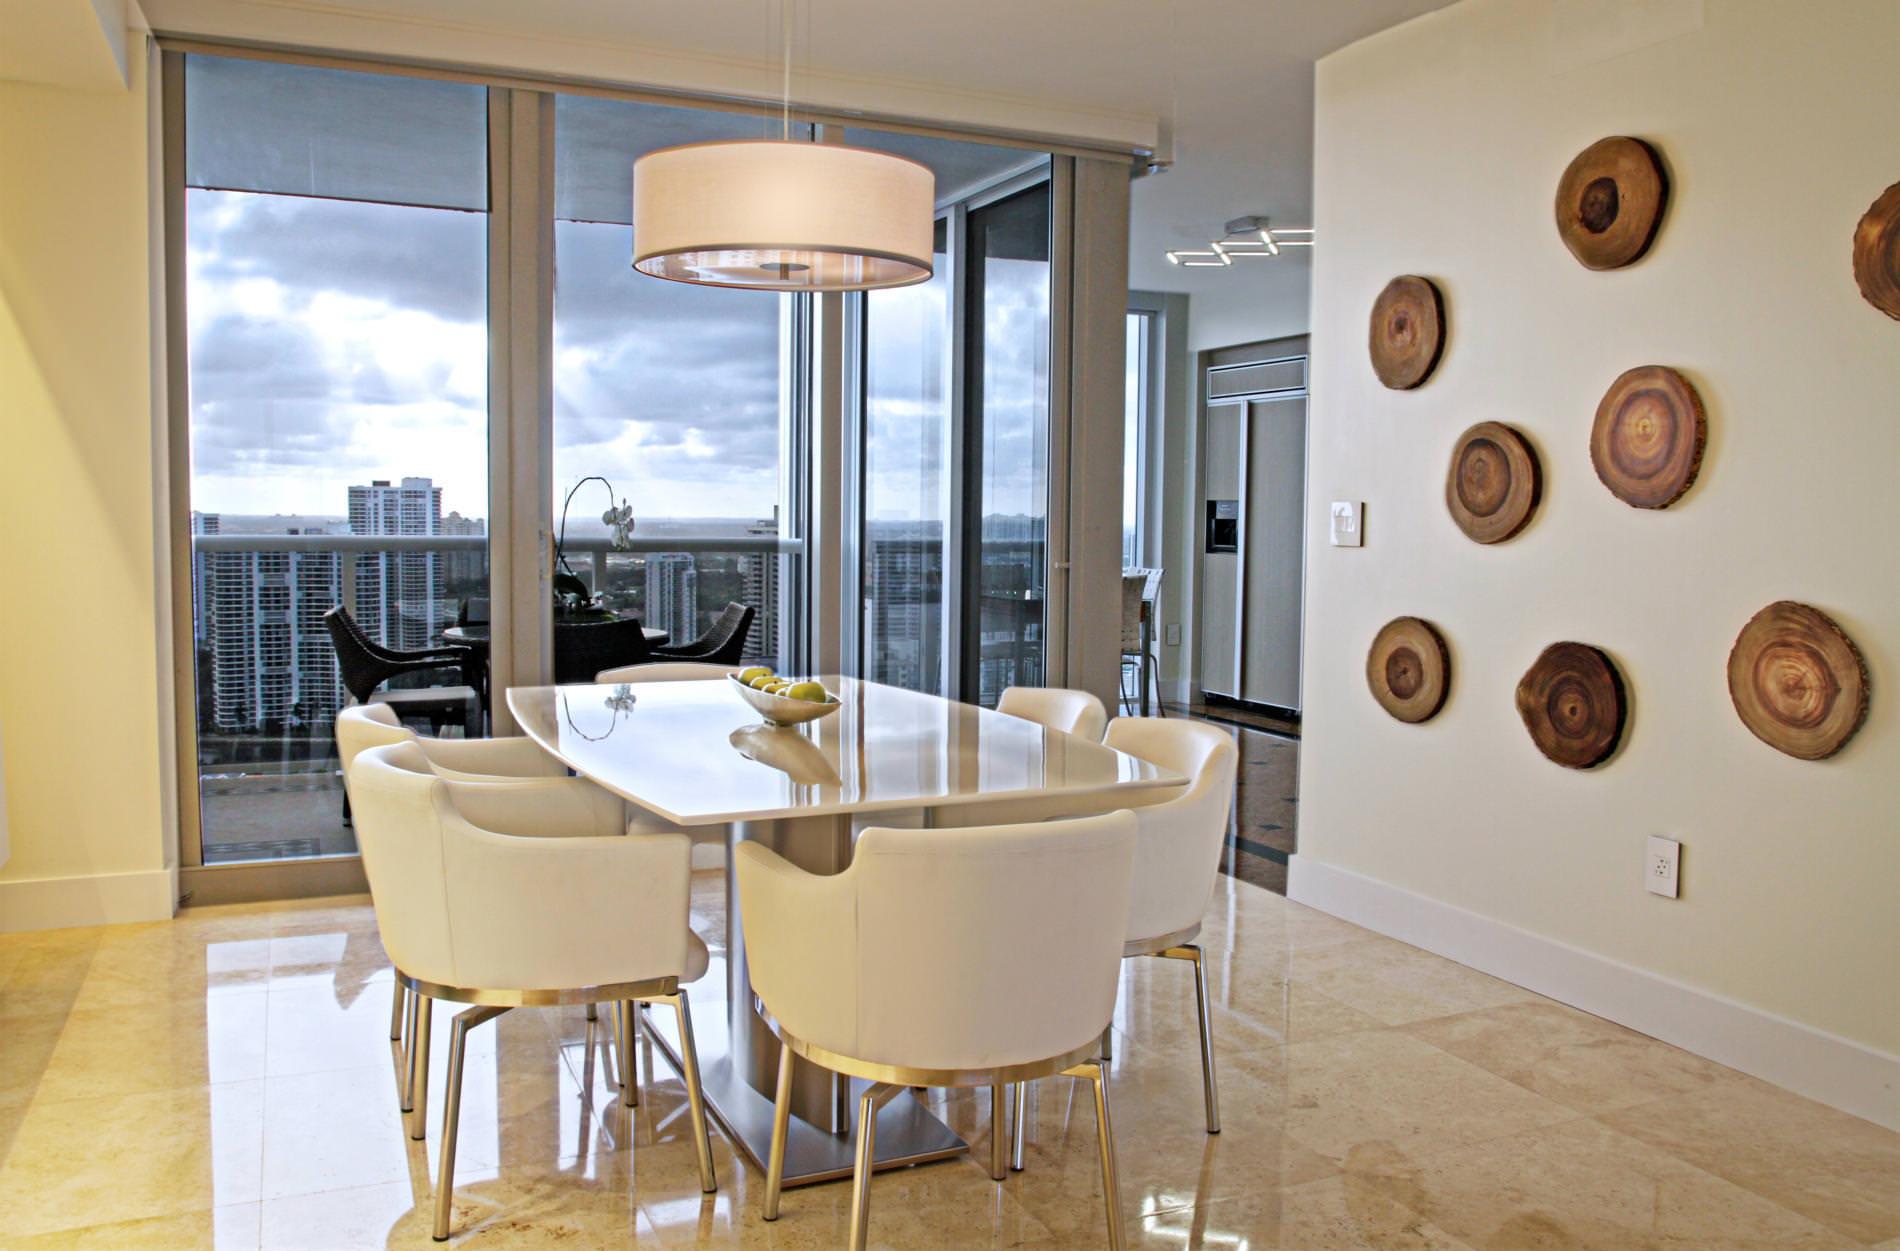 10 pr cticos consejos para decorar tu hogar neuarq for Consejos para decorar tu hogar